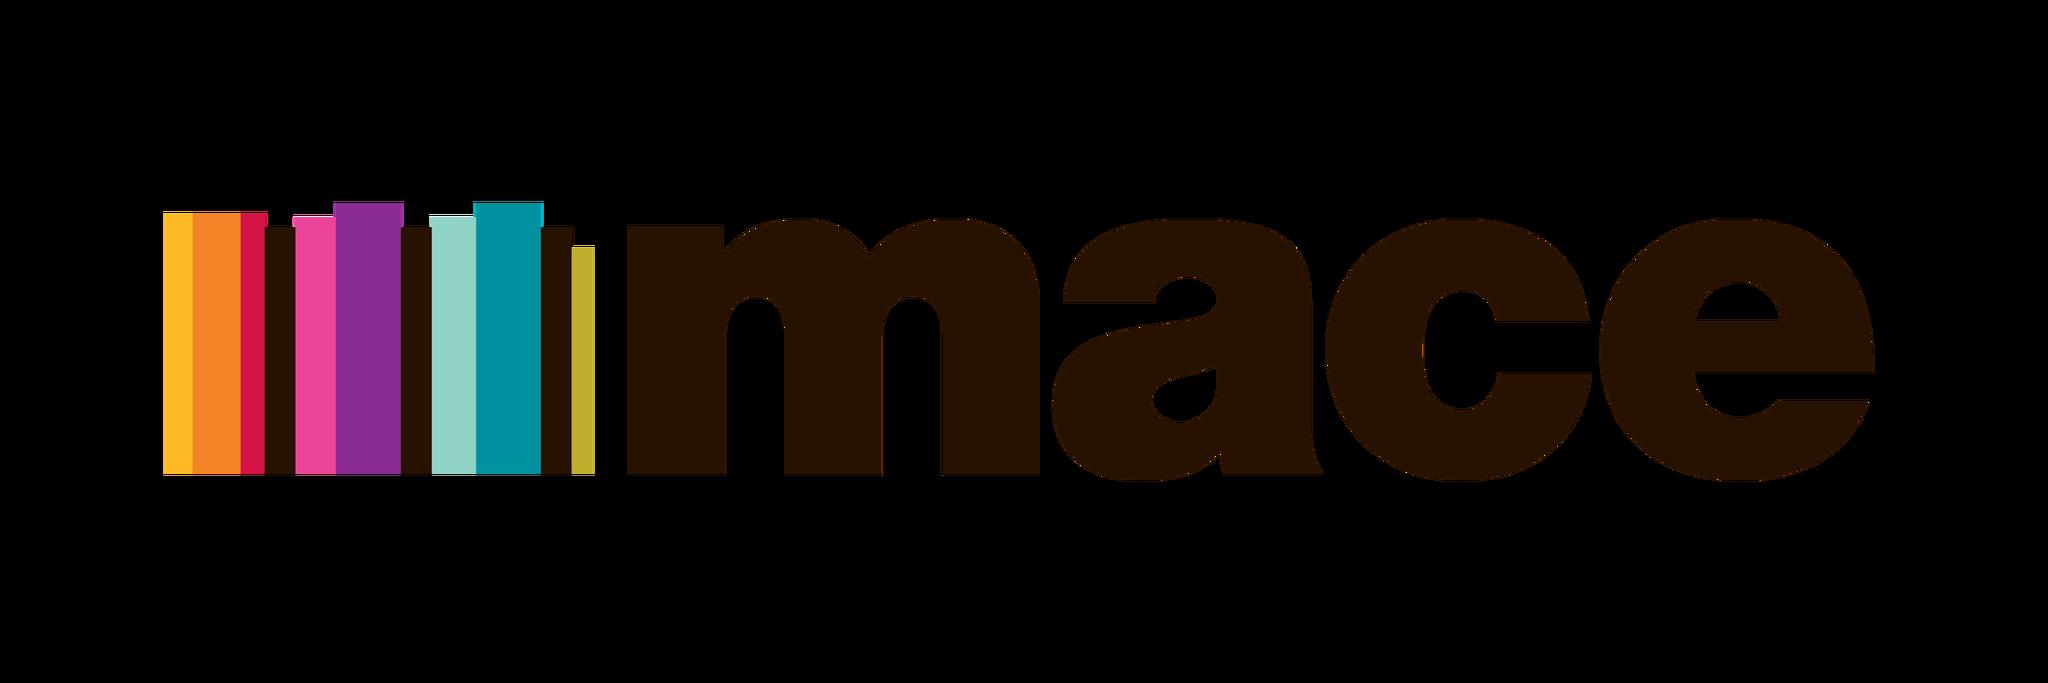 Chinedu-Ahiauzu-MACE-logo.PNG